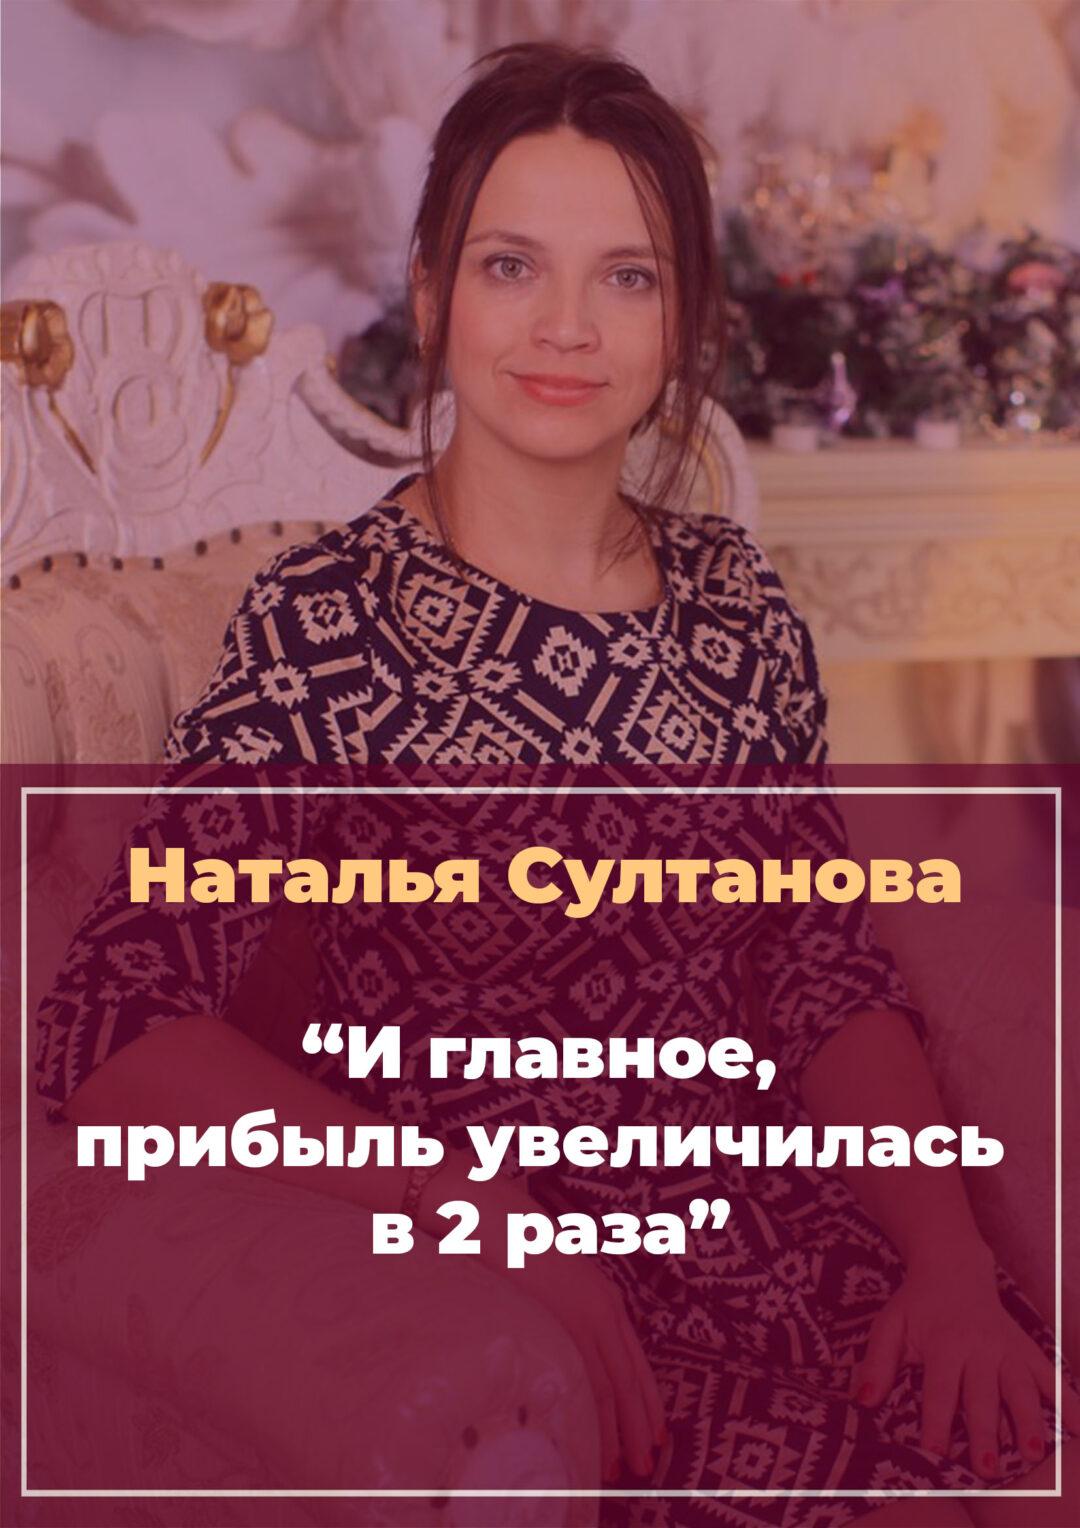 История Натальи Султановой